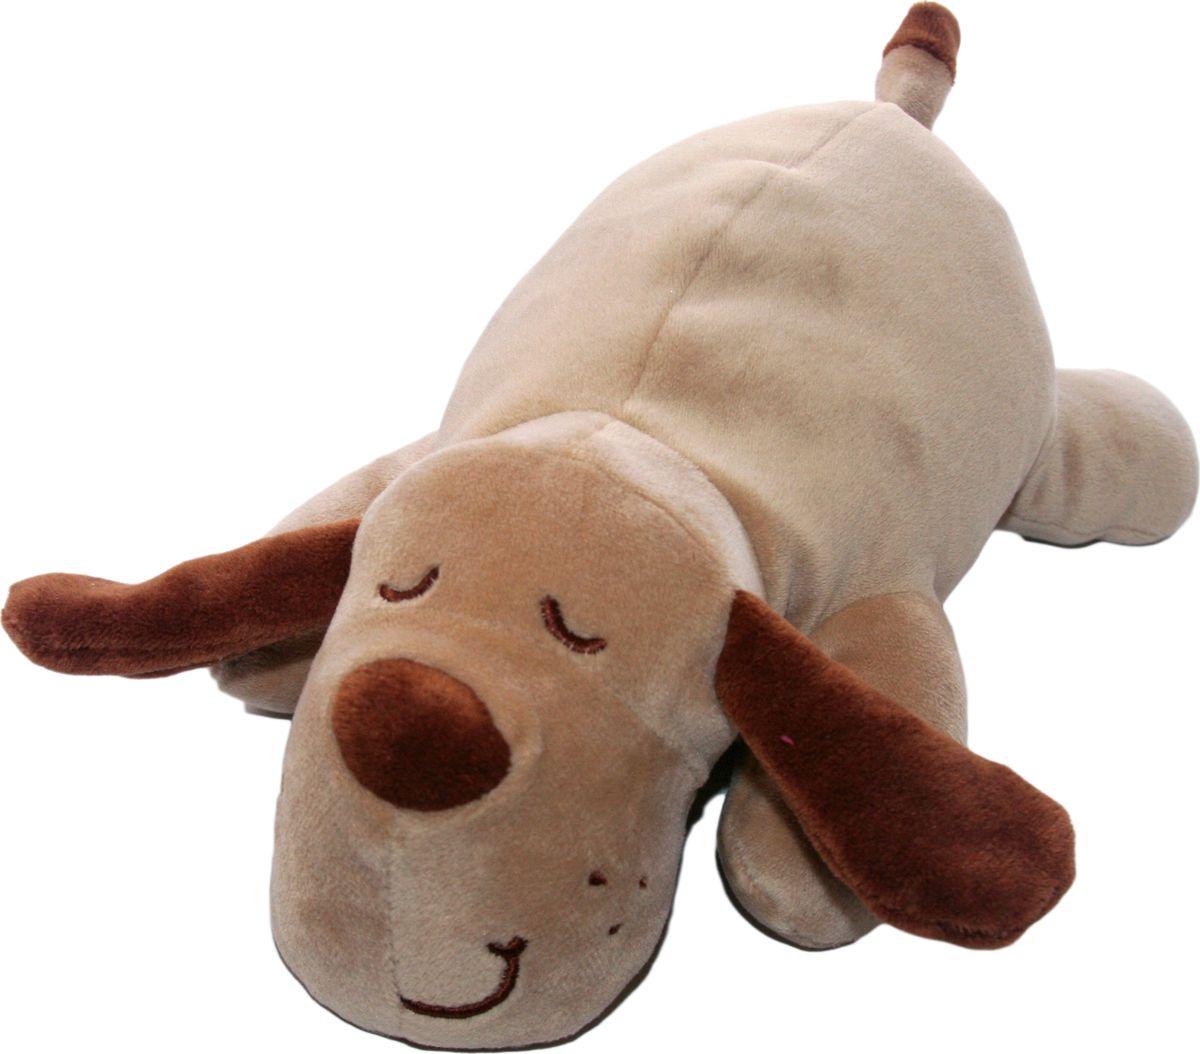 Мягкая игрушкаСмолТойс Собачка Лежебока длина 55 см бежевый2341/БЖ/55Мягкие игрушки любимы детьми всех возрастов. Для крохи это не просто развлечение, а настоящий друг, с которым можно разделить все радости и печали. Ребенок спокойно засыпает в кроватке, обнимая любимую игрушку и наслаждается общим времяпрепровождением.Игрушки помогут ребенку: наладить дружеские контакты с окружающими; почувствовать себя взрослым, взять на себя определенные обязанности по уходу за игрушкой; преодолеть страхи и одиночество; познать разные эмоции; выражать свои взгляды на жизнь через действия; быть уверенным в себе; развивать воображение.